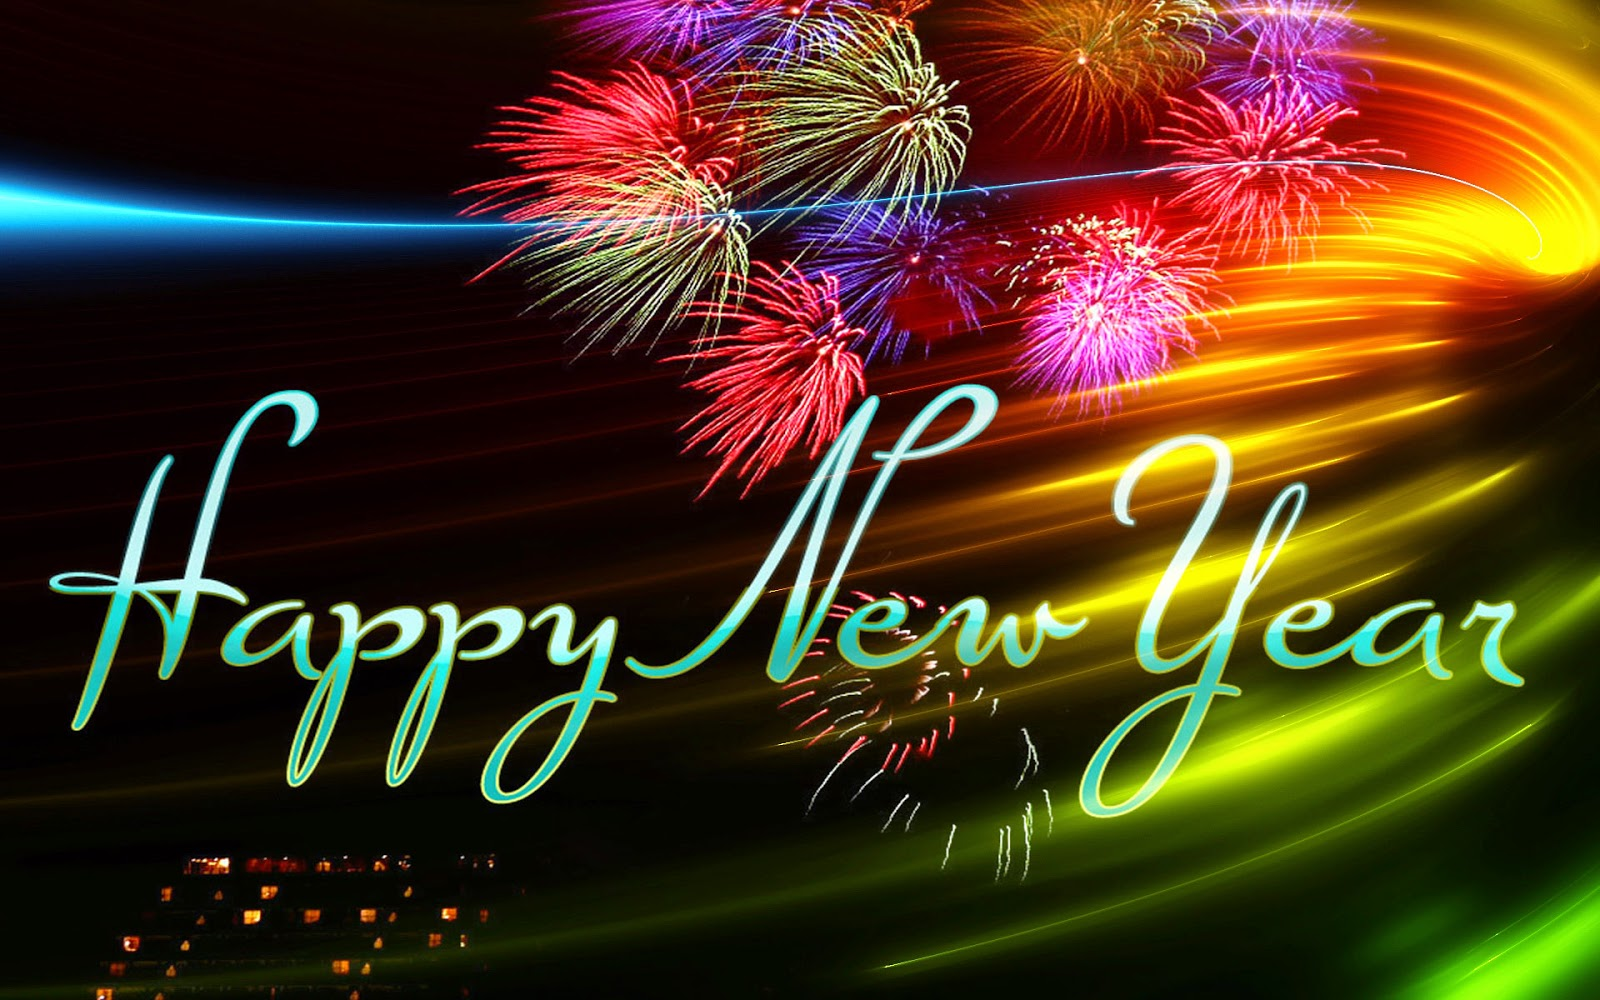 Feliz a o nuevo 2018 imagenes in ingles feliz a o nuevo for New idea images